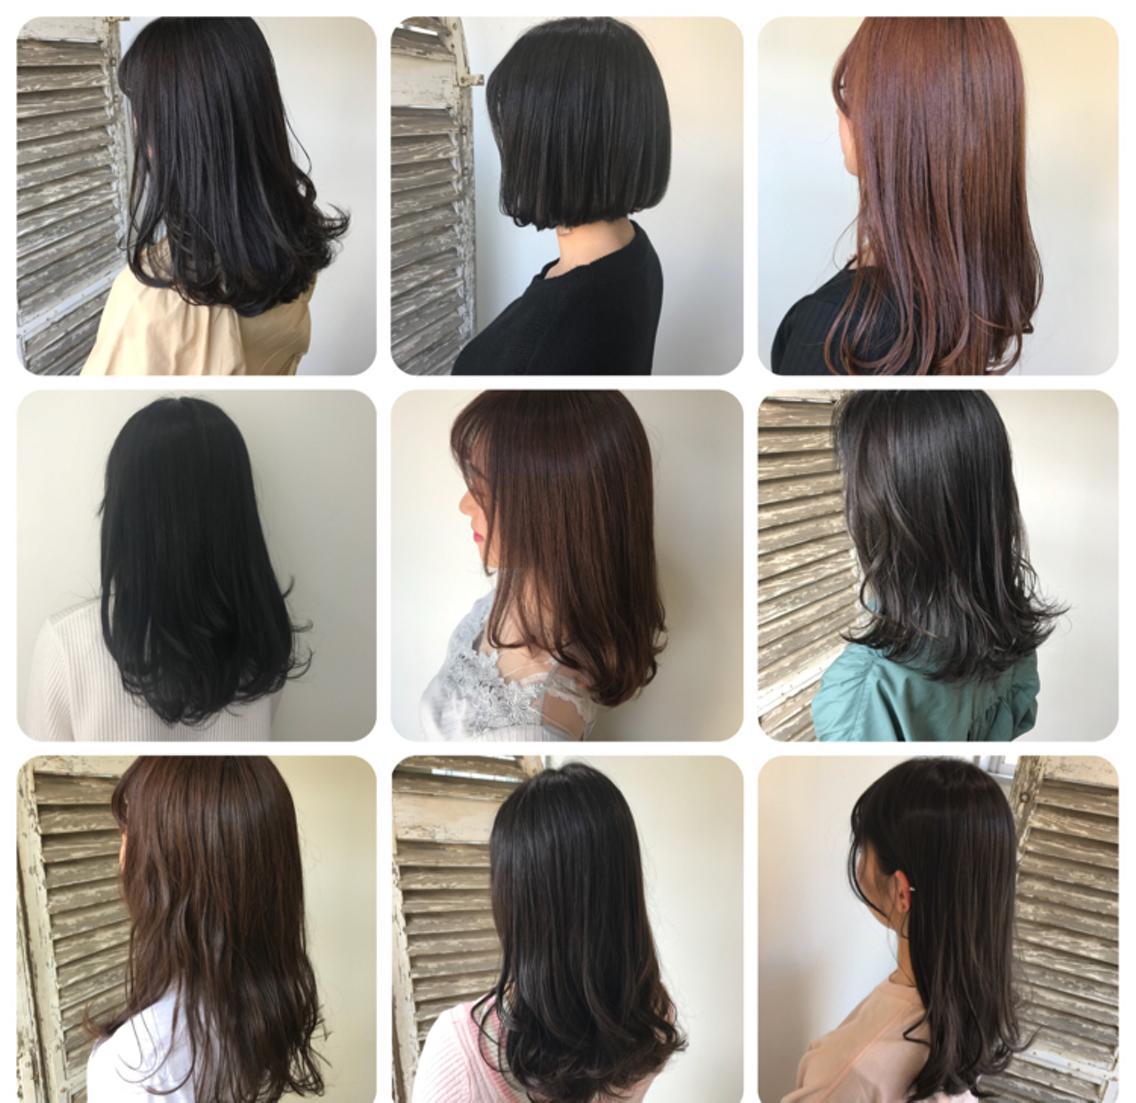 【受賞歴あり】✨予約指名NO1トップスタイリスト✨イルミナカラーが上手い有名美容師としてメディアに掲載✨髪に優しいカラー剤でうるツヤ美髪✨必ず小顔に見える髪型が得意なデザイナー.